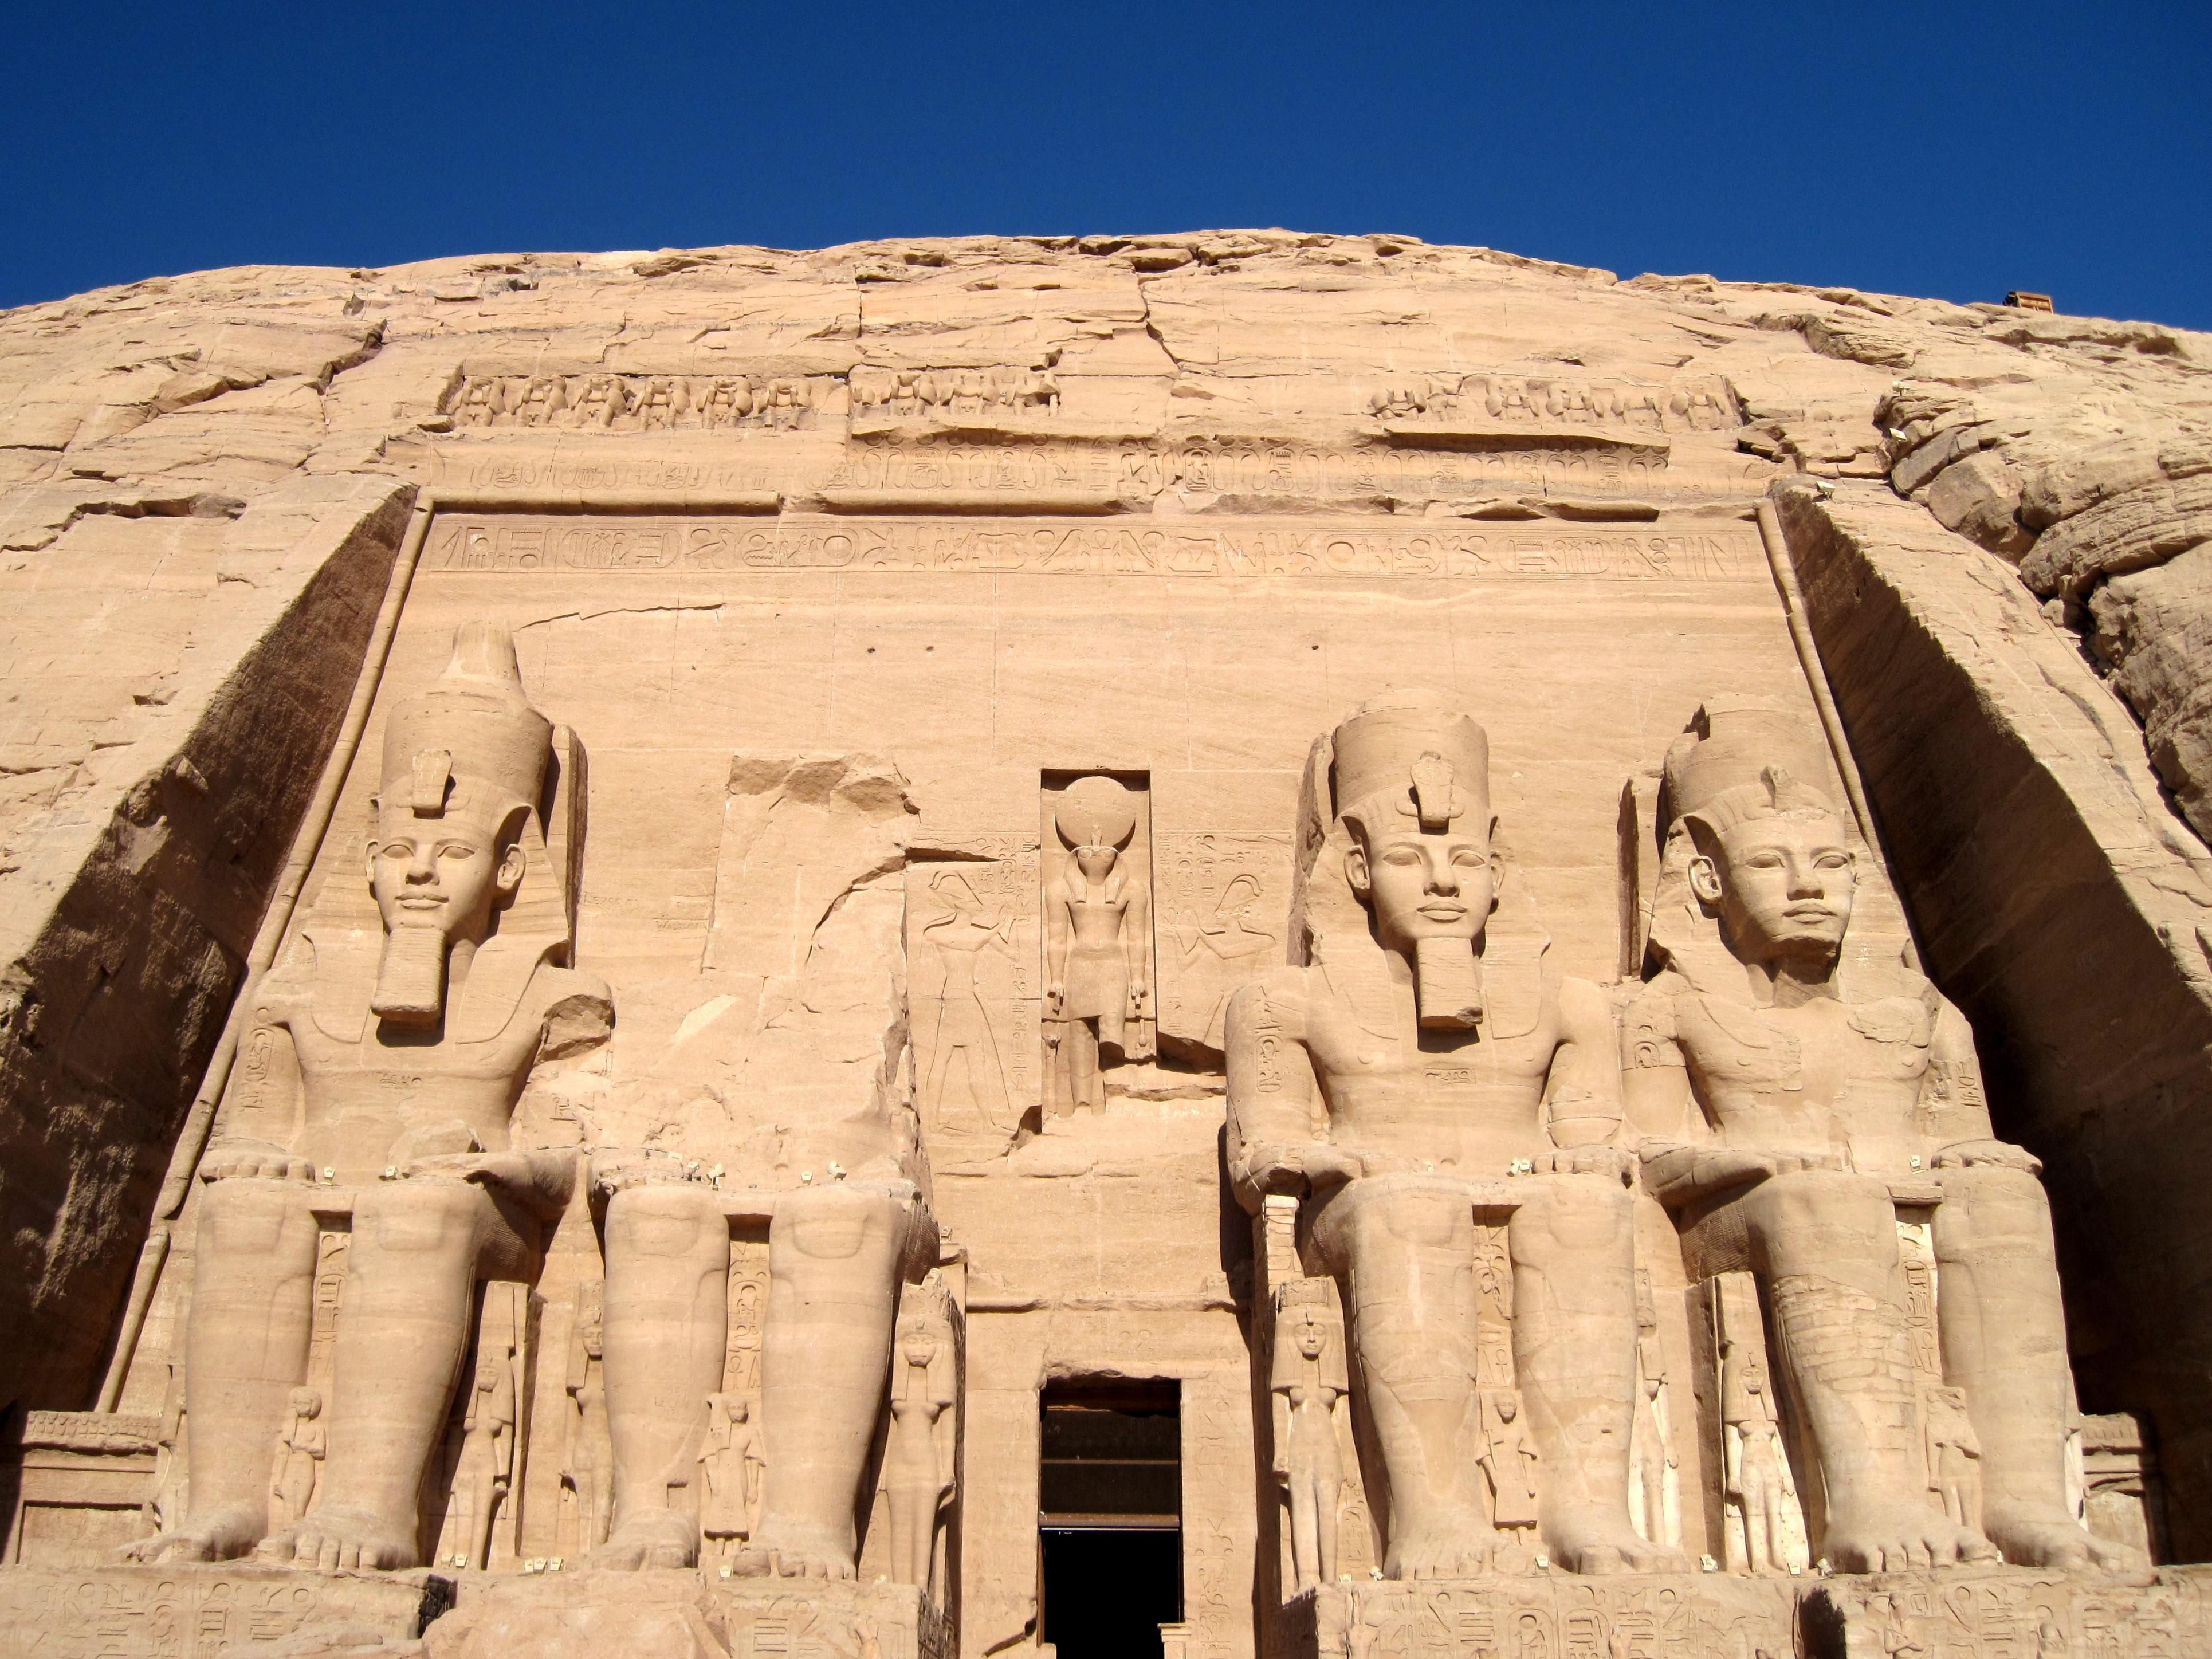 File:Großer Tempel (Abu Simbel) 07.jpg - Wikimedia Commons